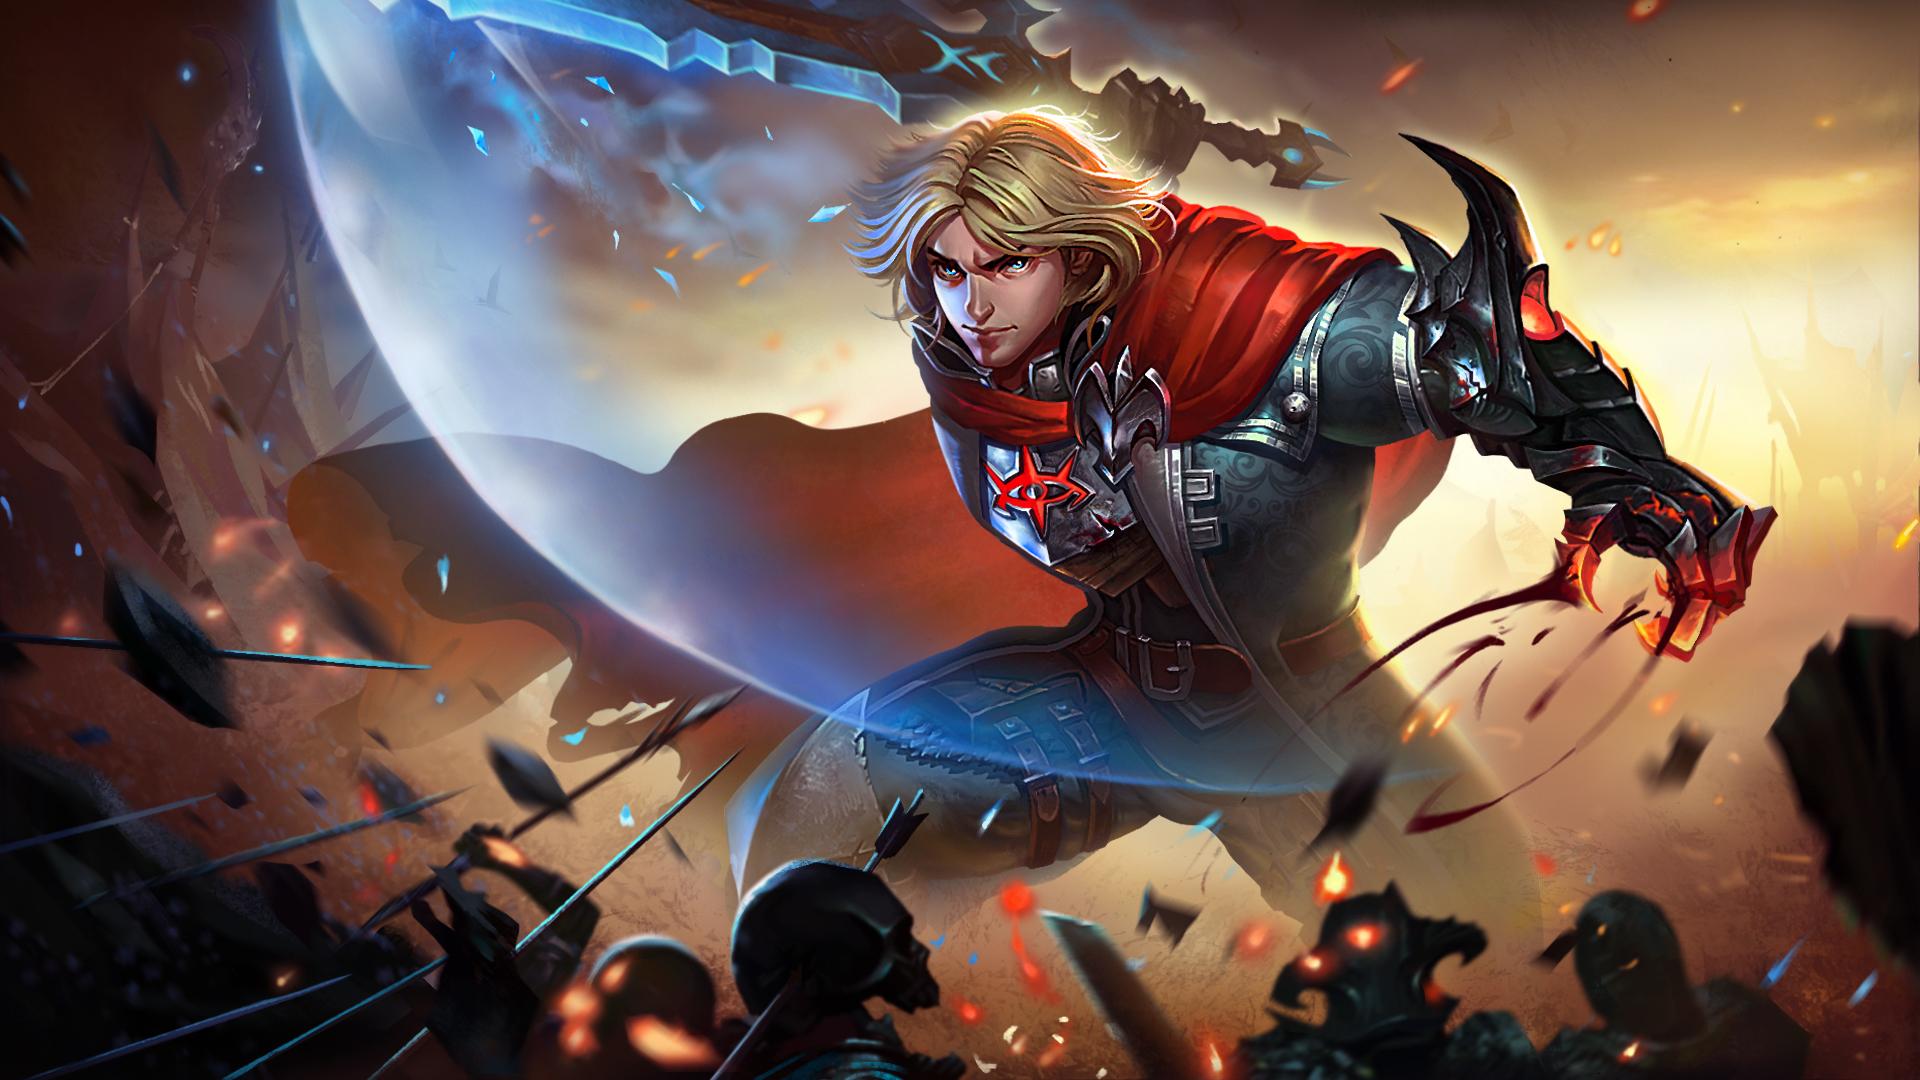 猎魔之血装备如何提升 进行多人战役有什么要求